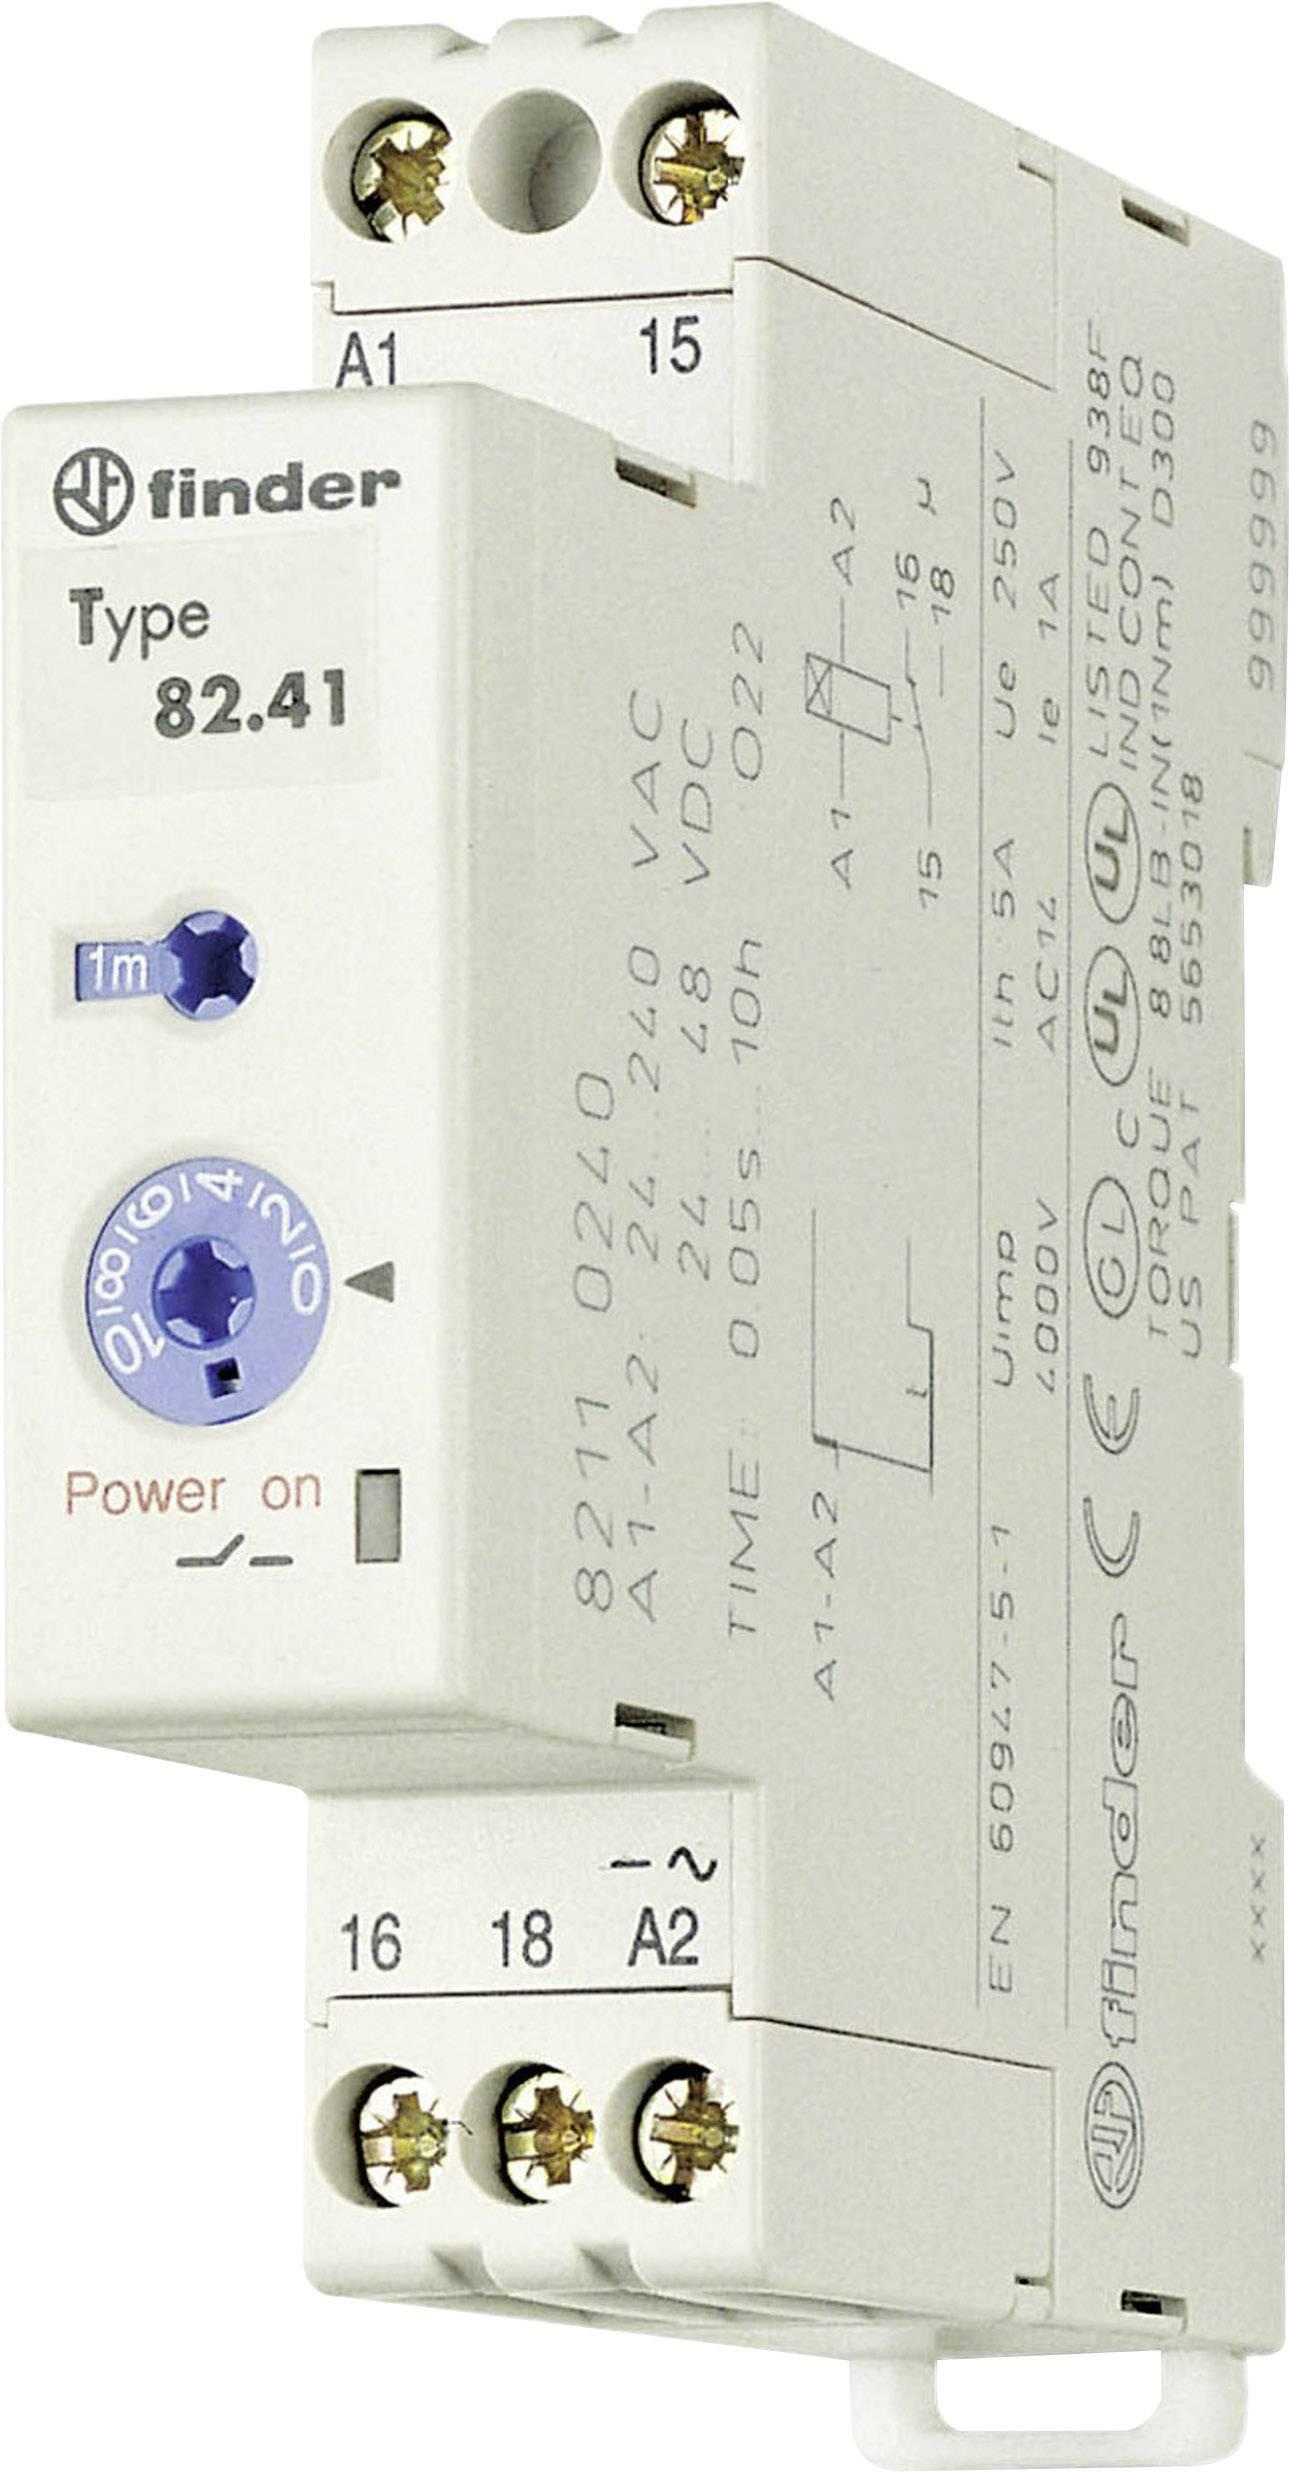 Průmyslové časové relé, 17,5 mm, série 82 Finder 82.41.0.240 1 ks